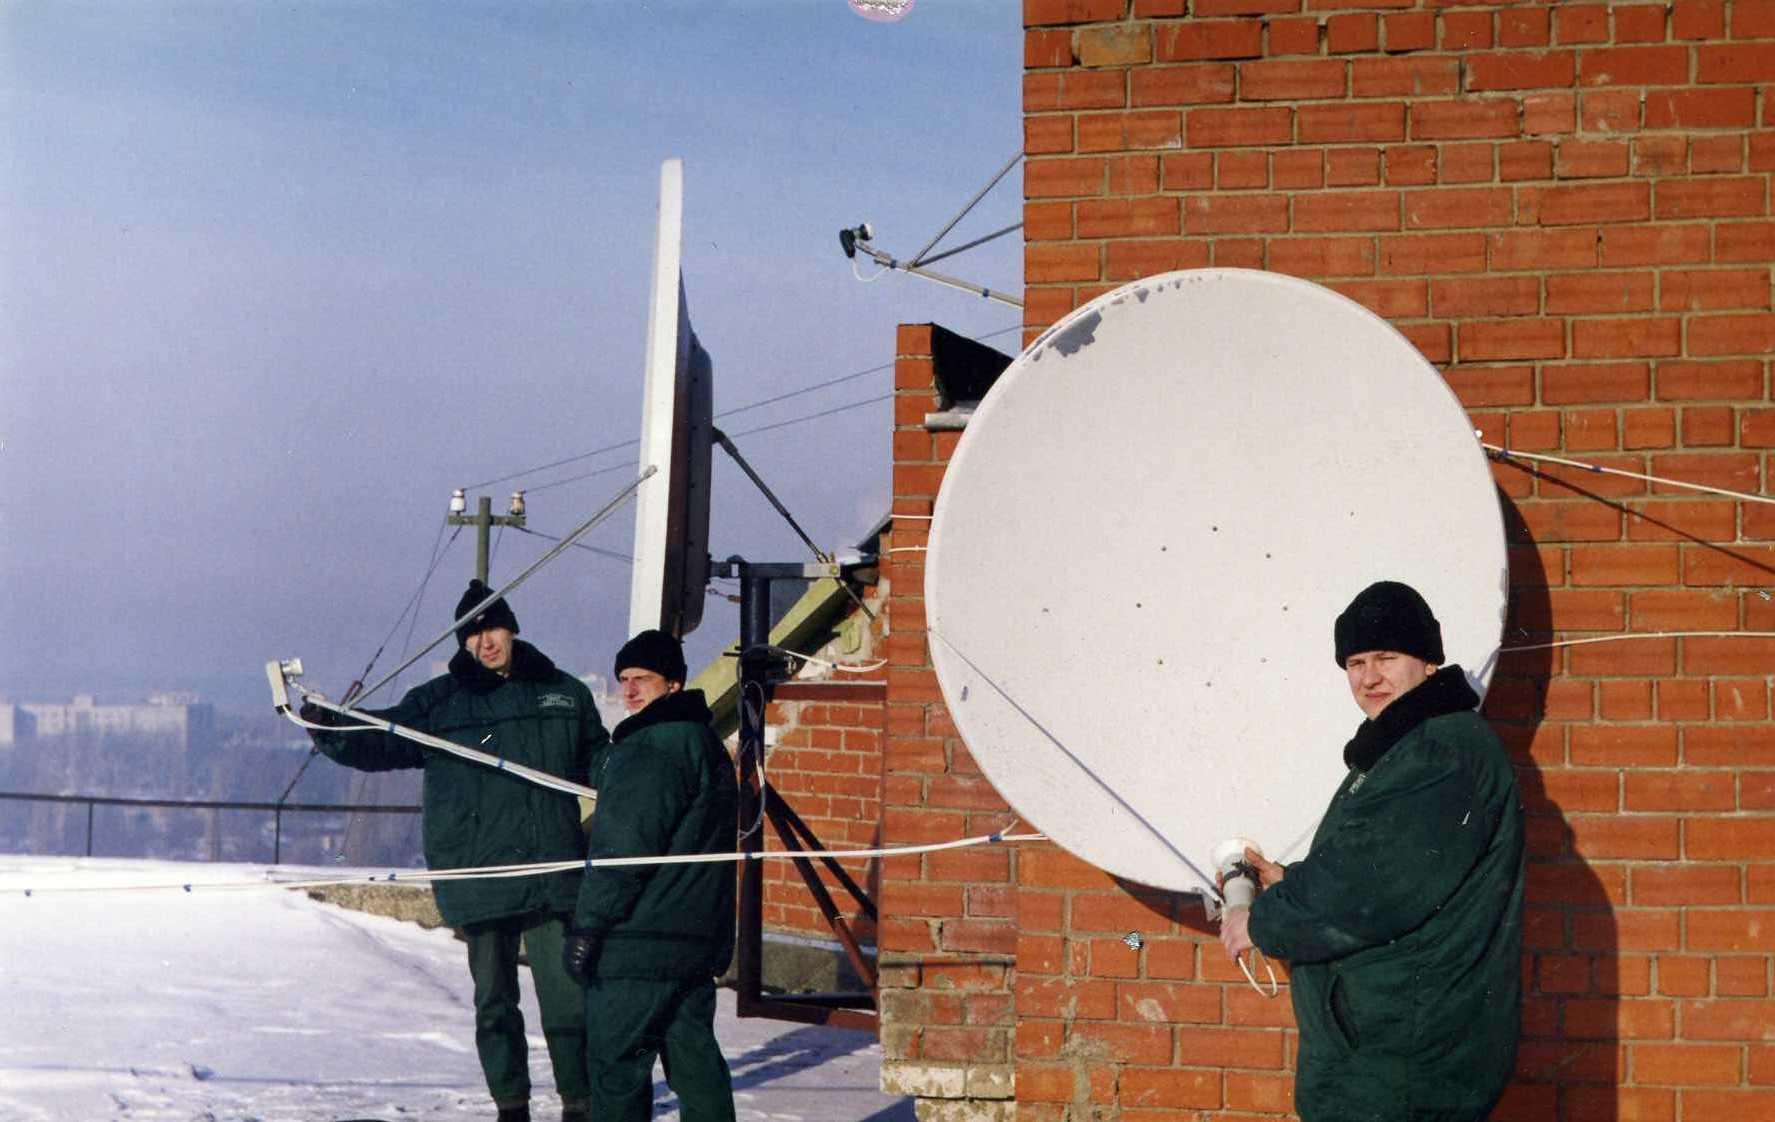 установка системы спутникового телевидения